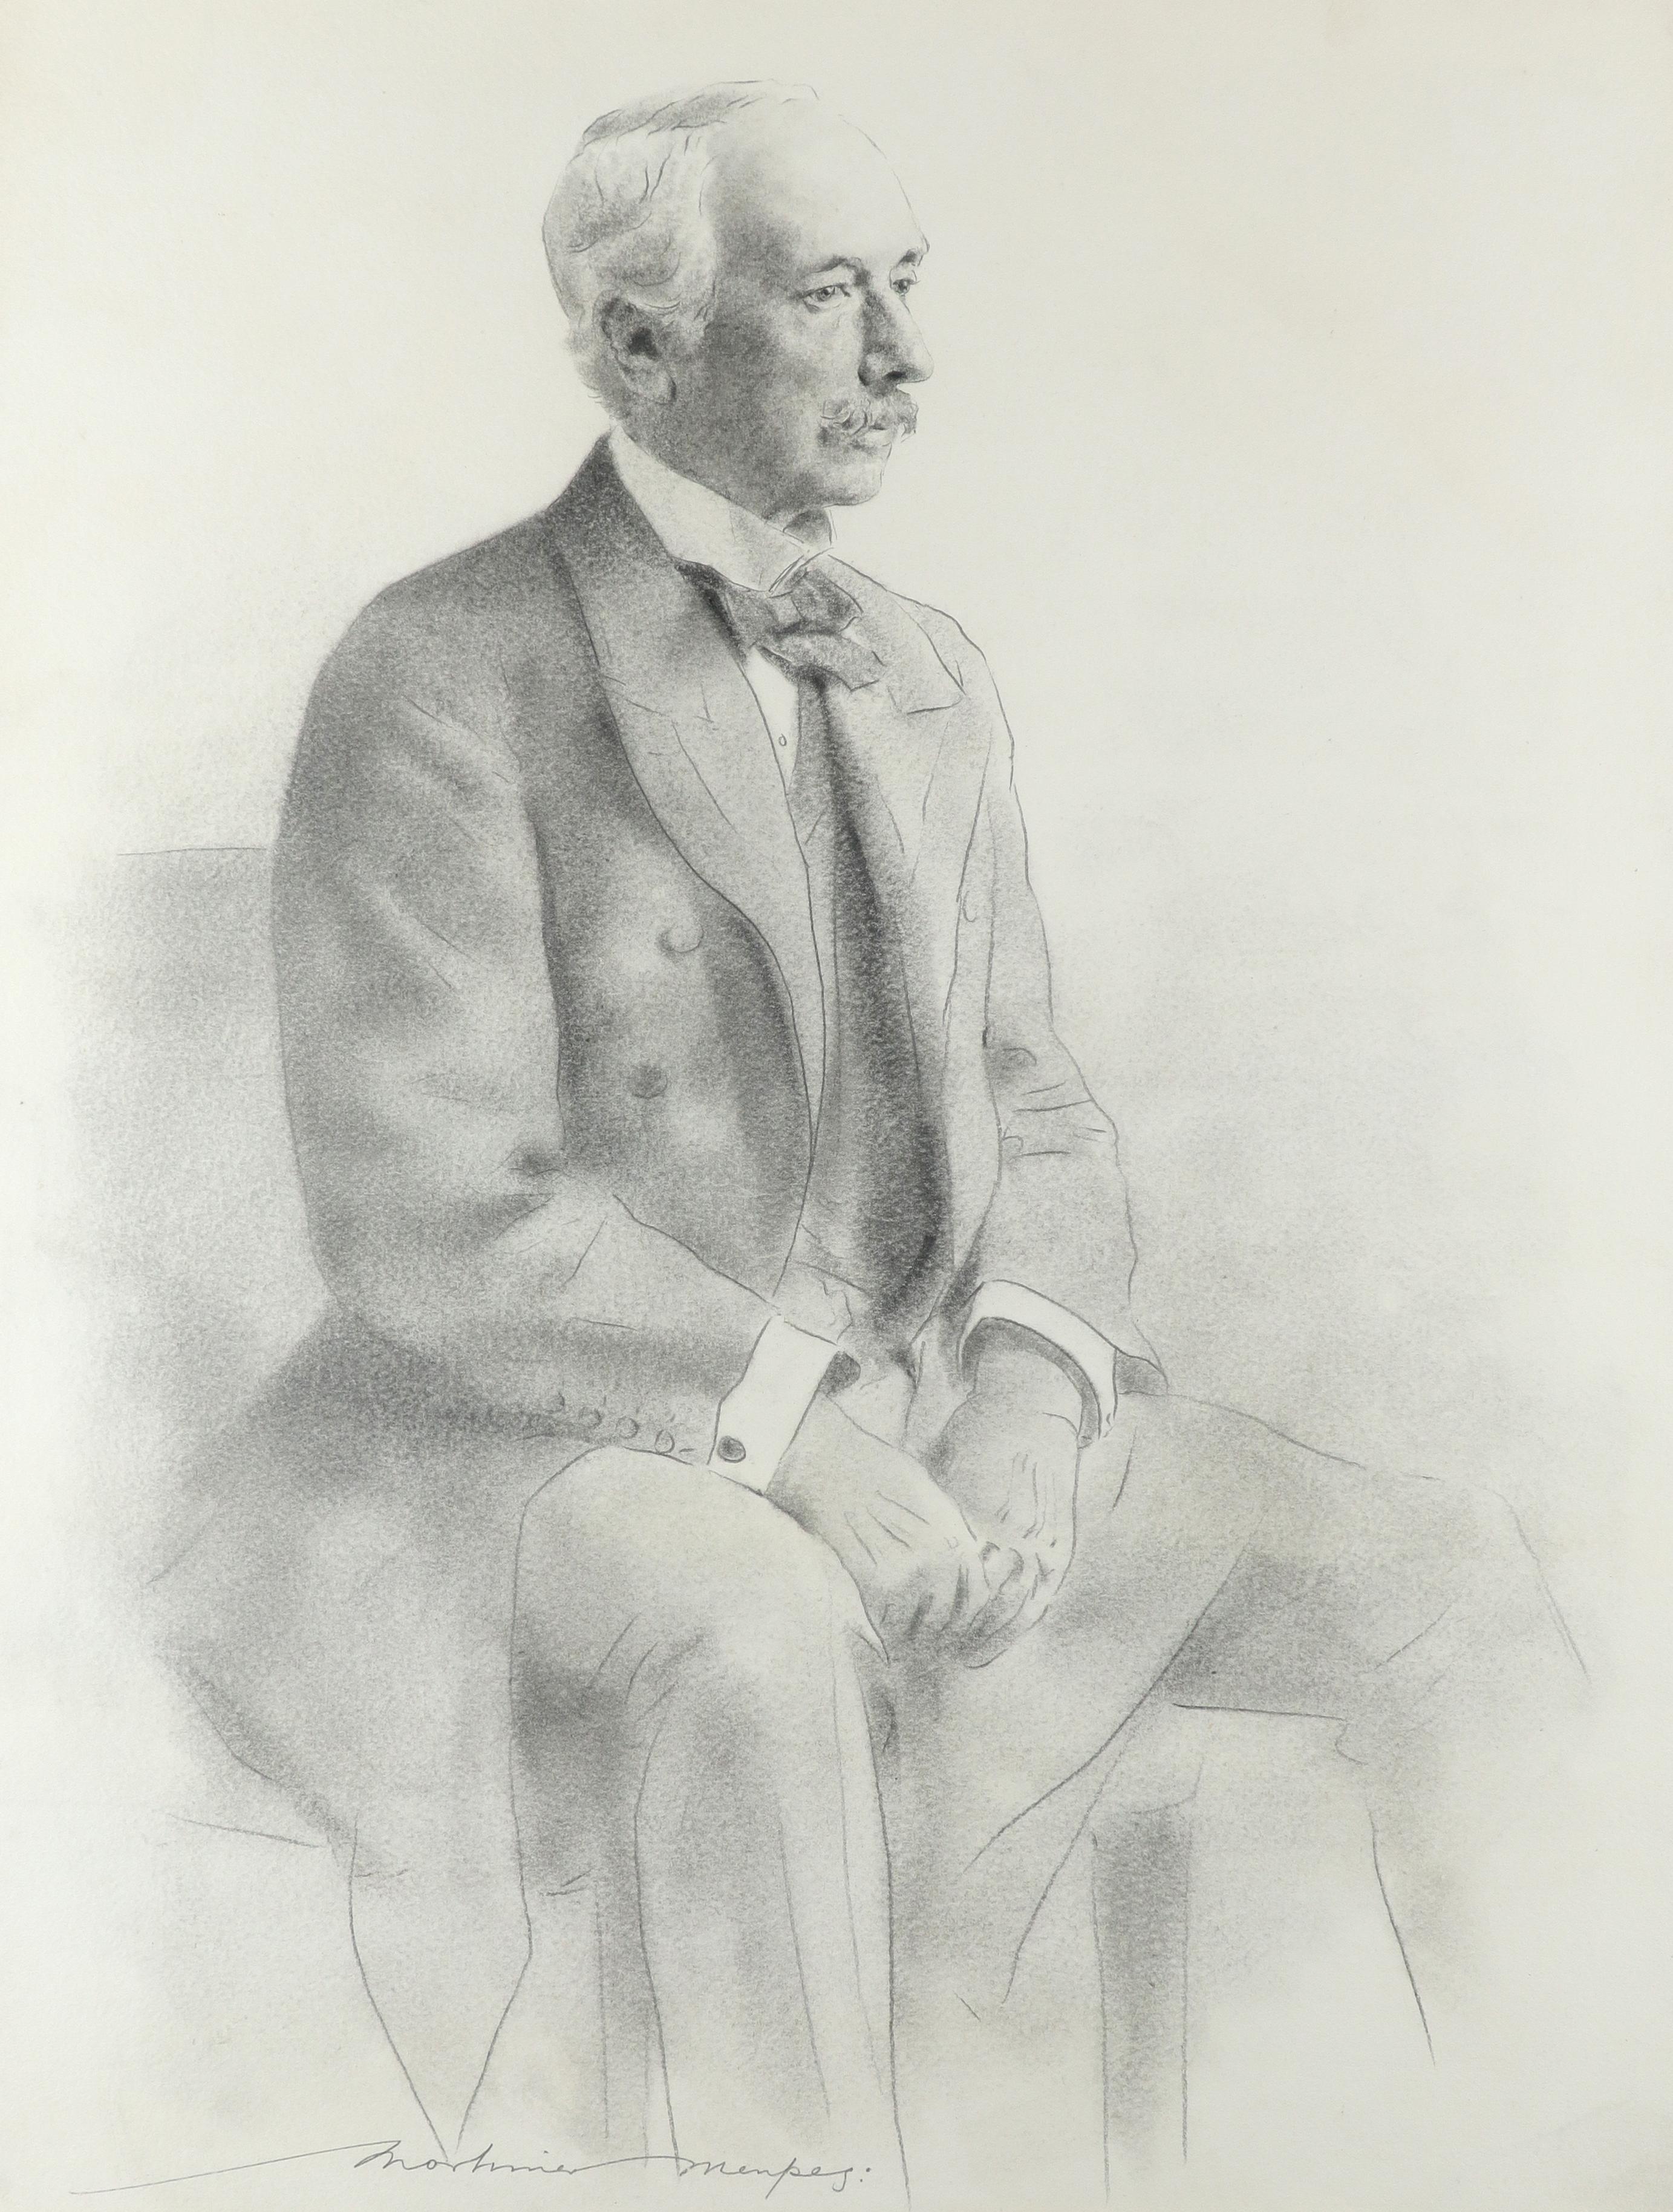 Mortimer Menpes (1860-1938) Portrait of Field Marshall the Rt. Hon. Garnet Joseph, Viscount